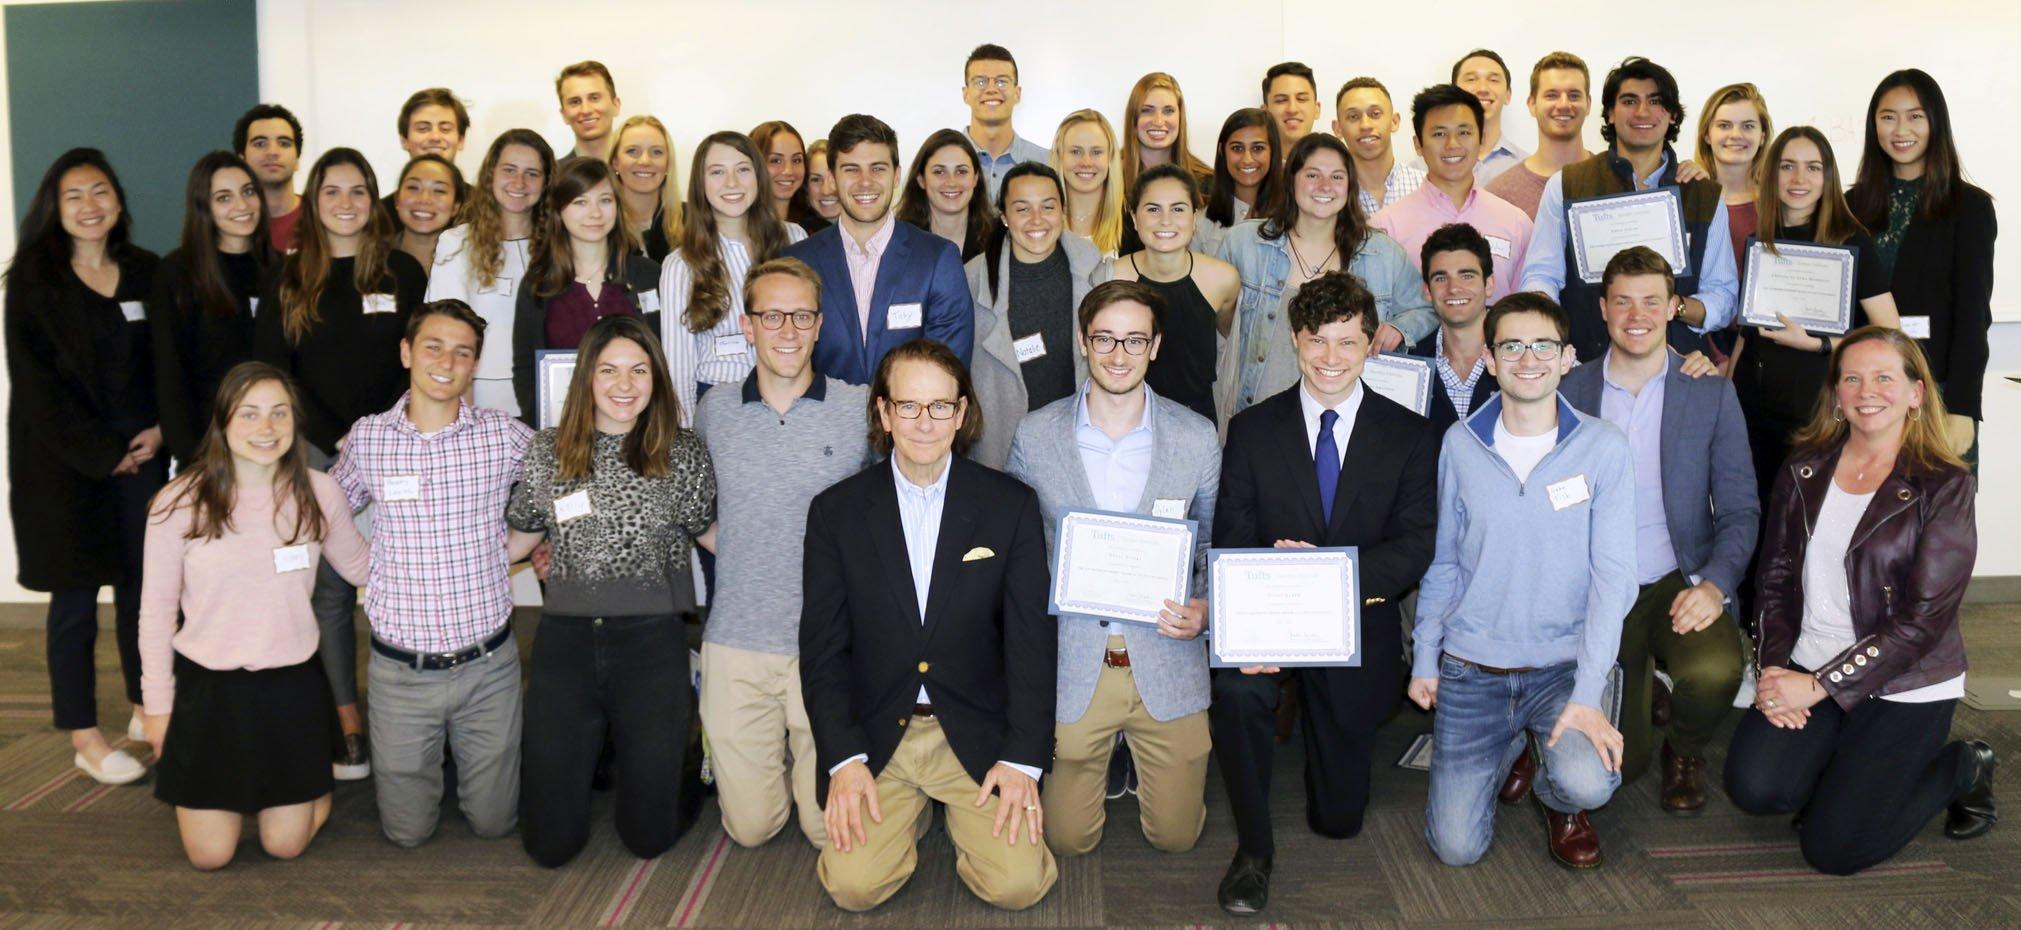 Tufts TEC Graduates 2019-2